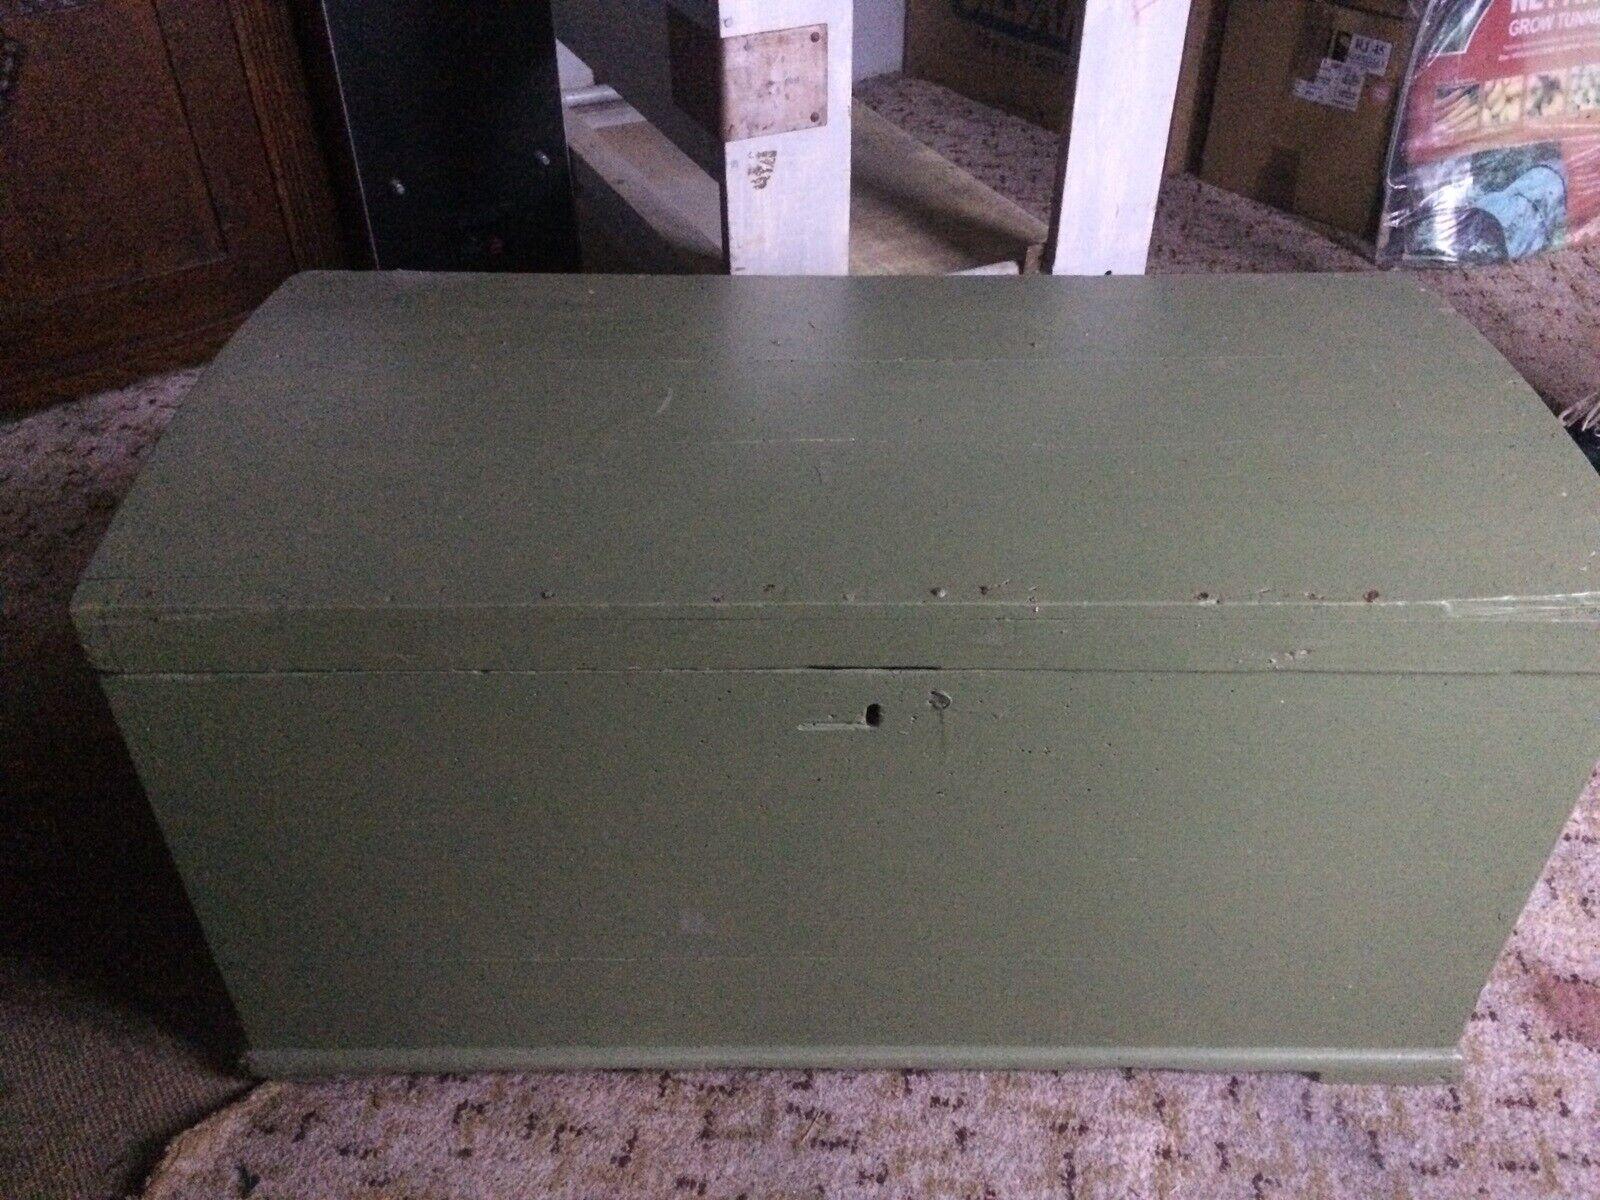 Antik Lille Kuffert Kiste 150 Ar Dba Dk Kob Og Salg